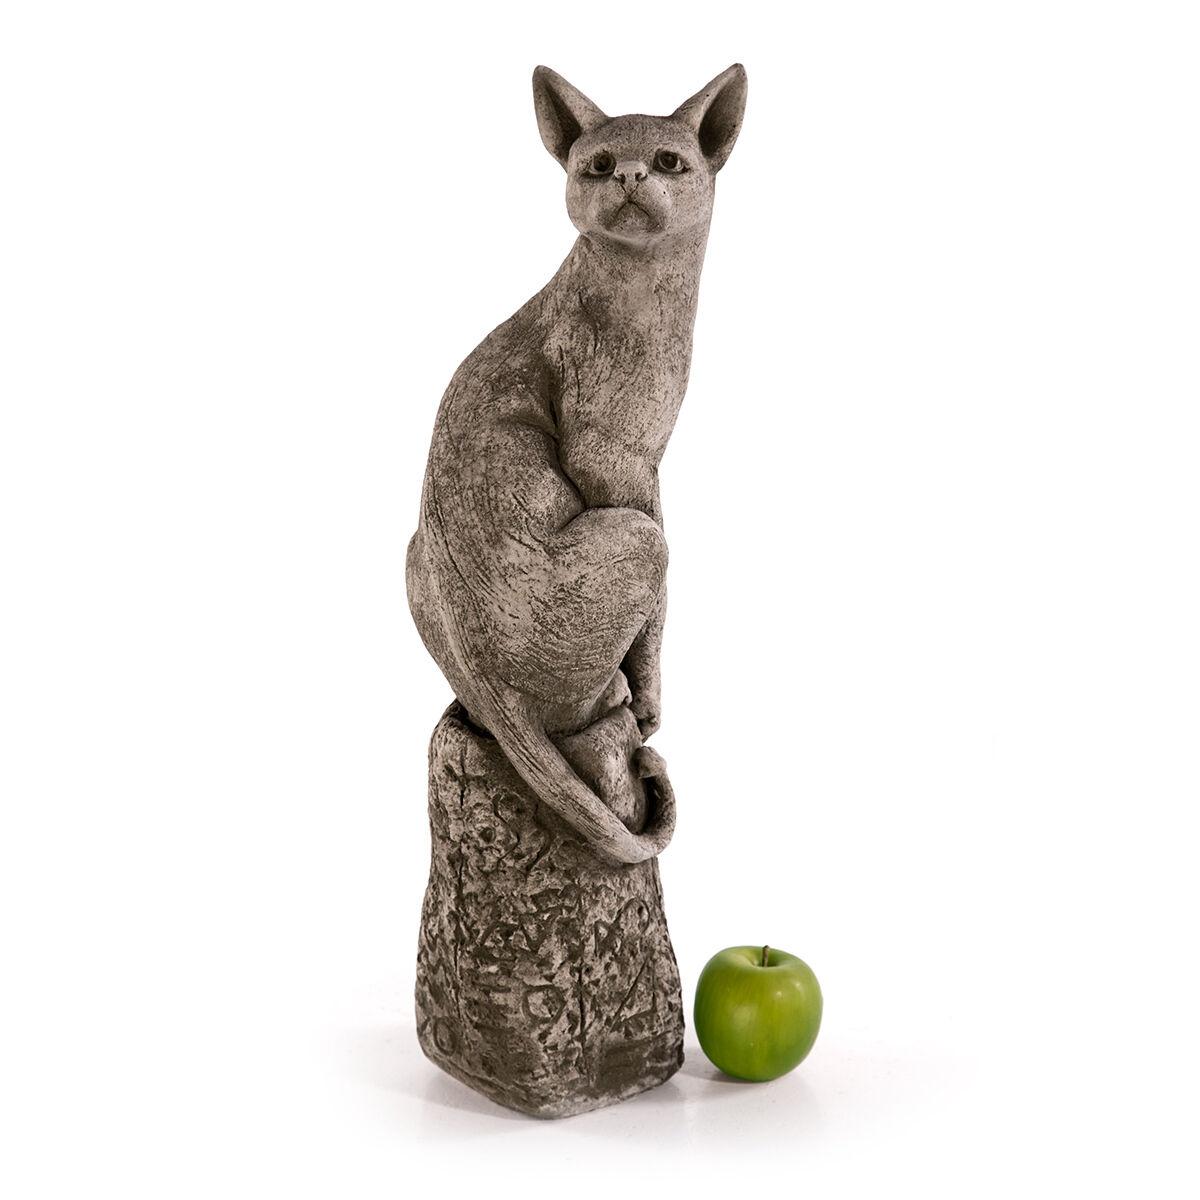 nuovi prodotti novità Fiona Scott personaggi gatti Personaggi Animali Giardino Figure Sculture GATTO GATTO GATTO 332828  miglior prezzo migliore